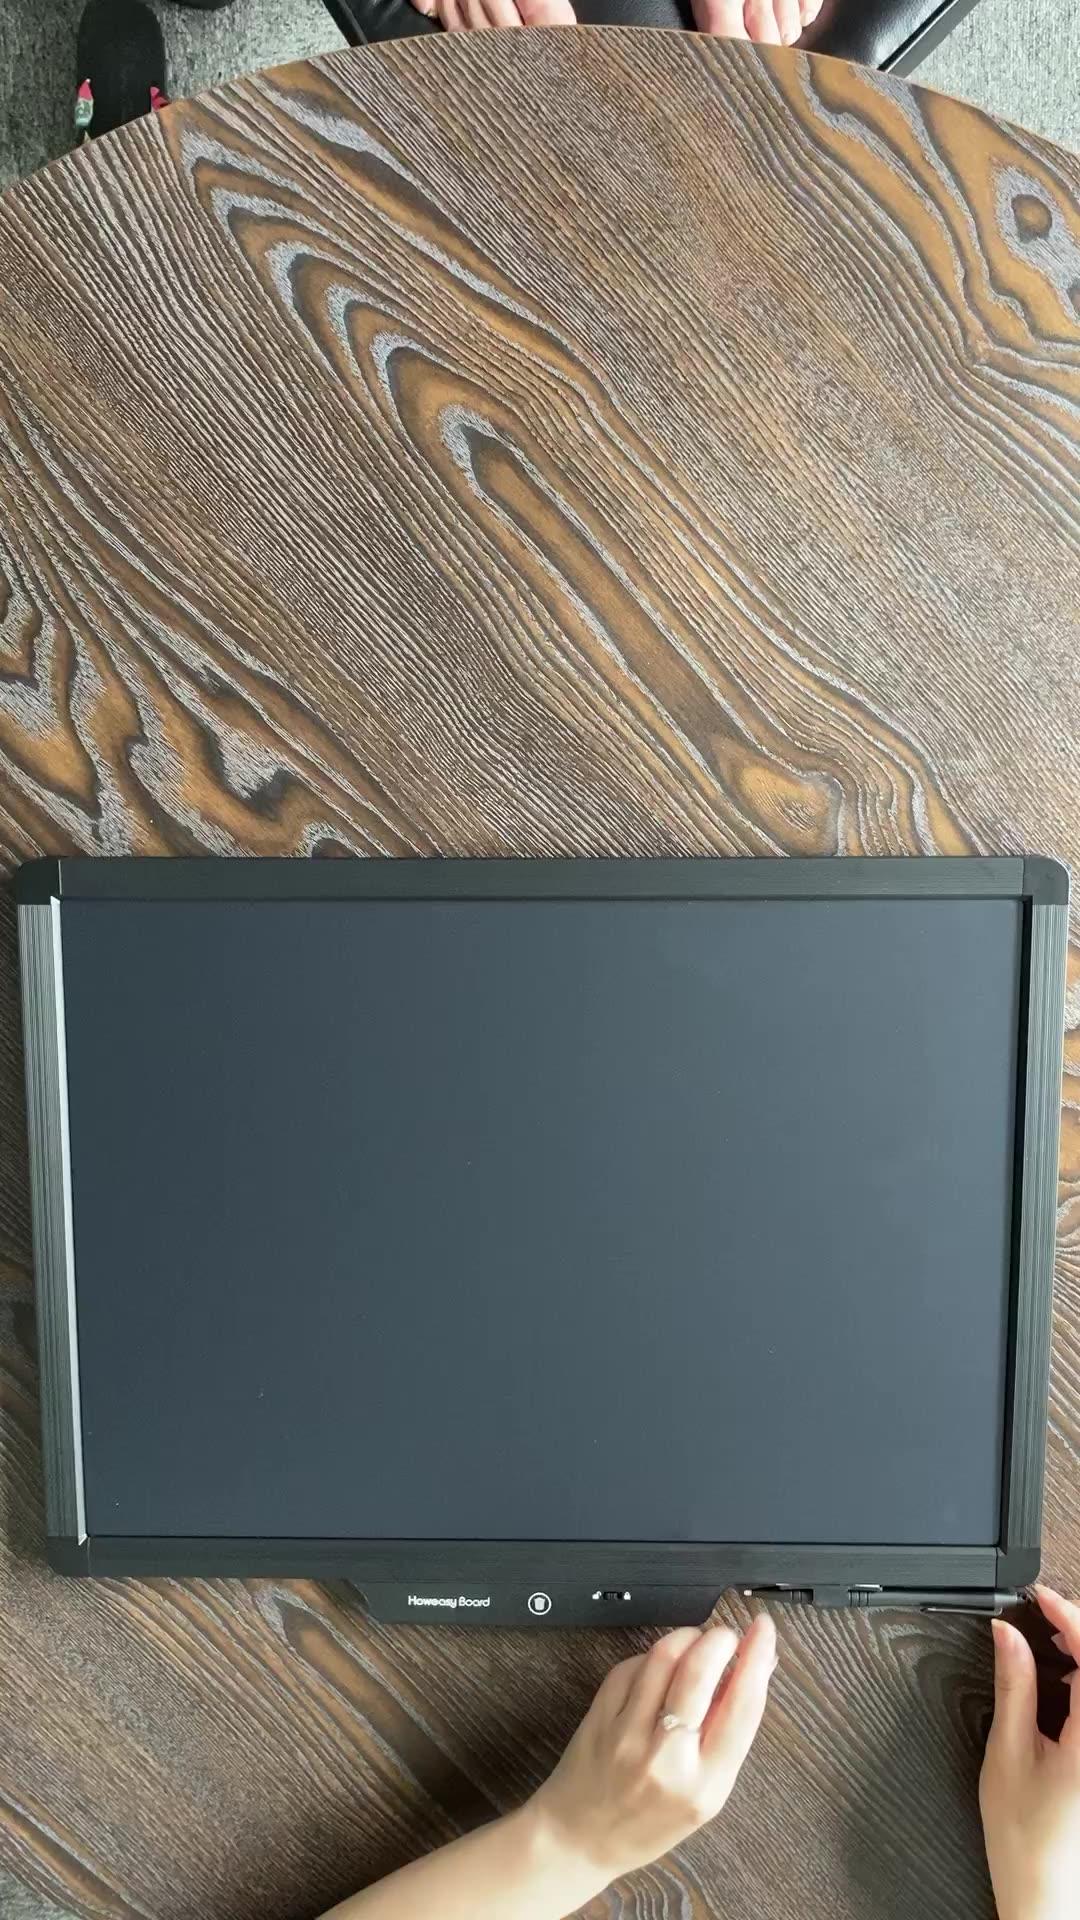 Howeasy fabrika kağıtsız lcd yazma tableti çizim çocuklar elektronik çizim tableti 20 inç lcd yazı tahtası